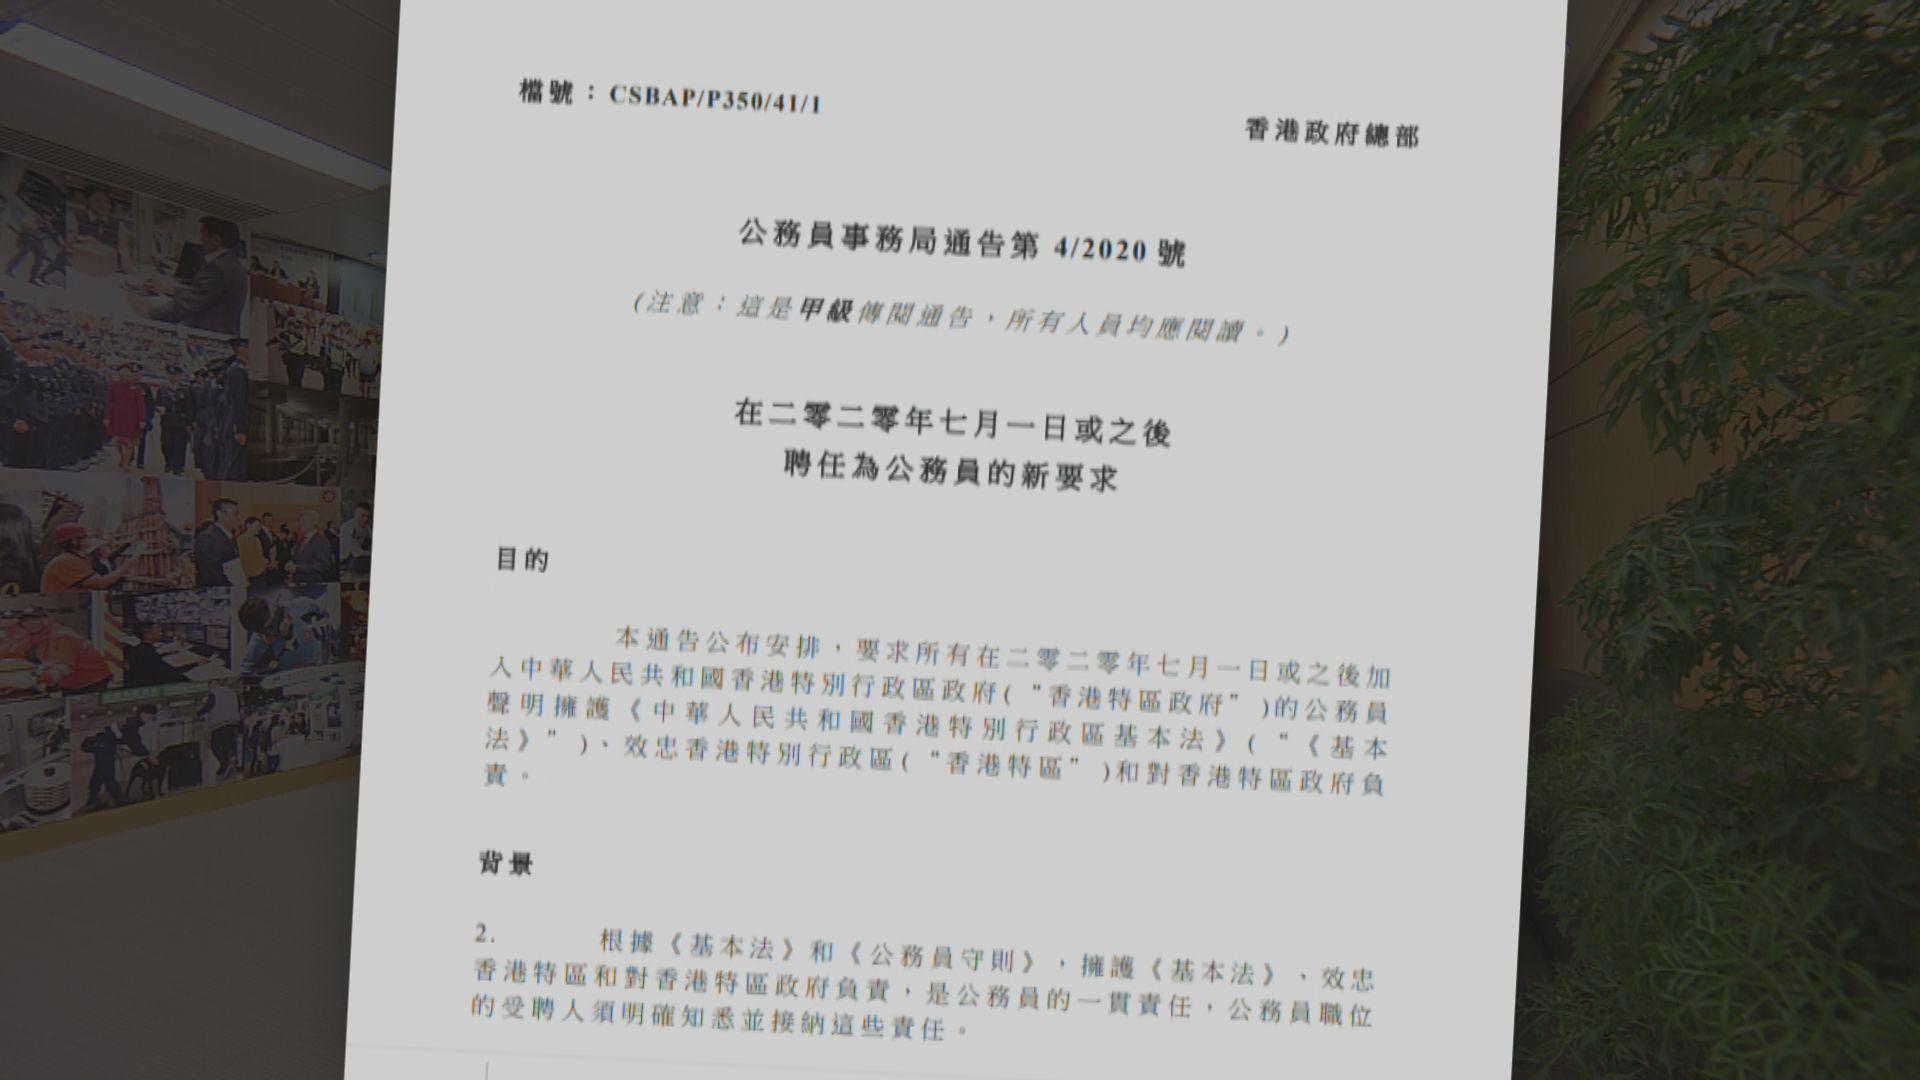 華員會:政府短時間內就宣誓聲明諮詢及公布 做法倉卒